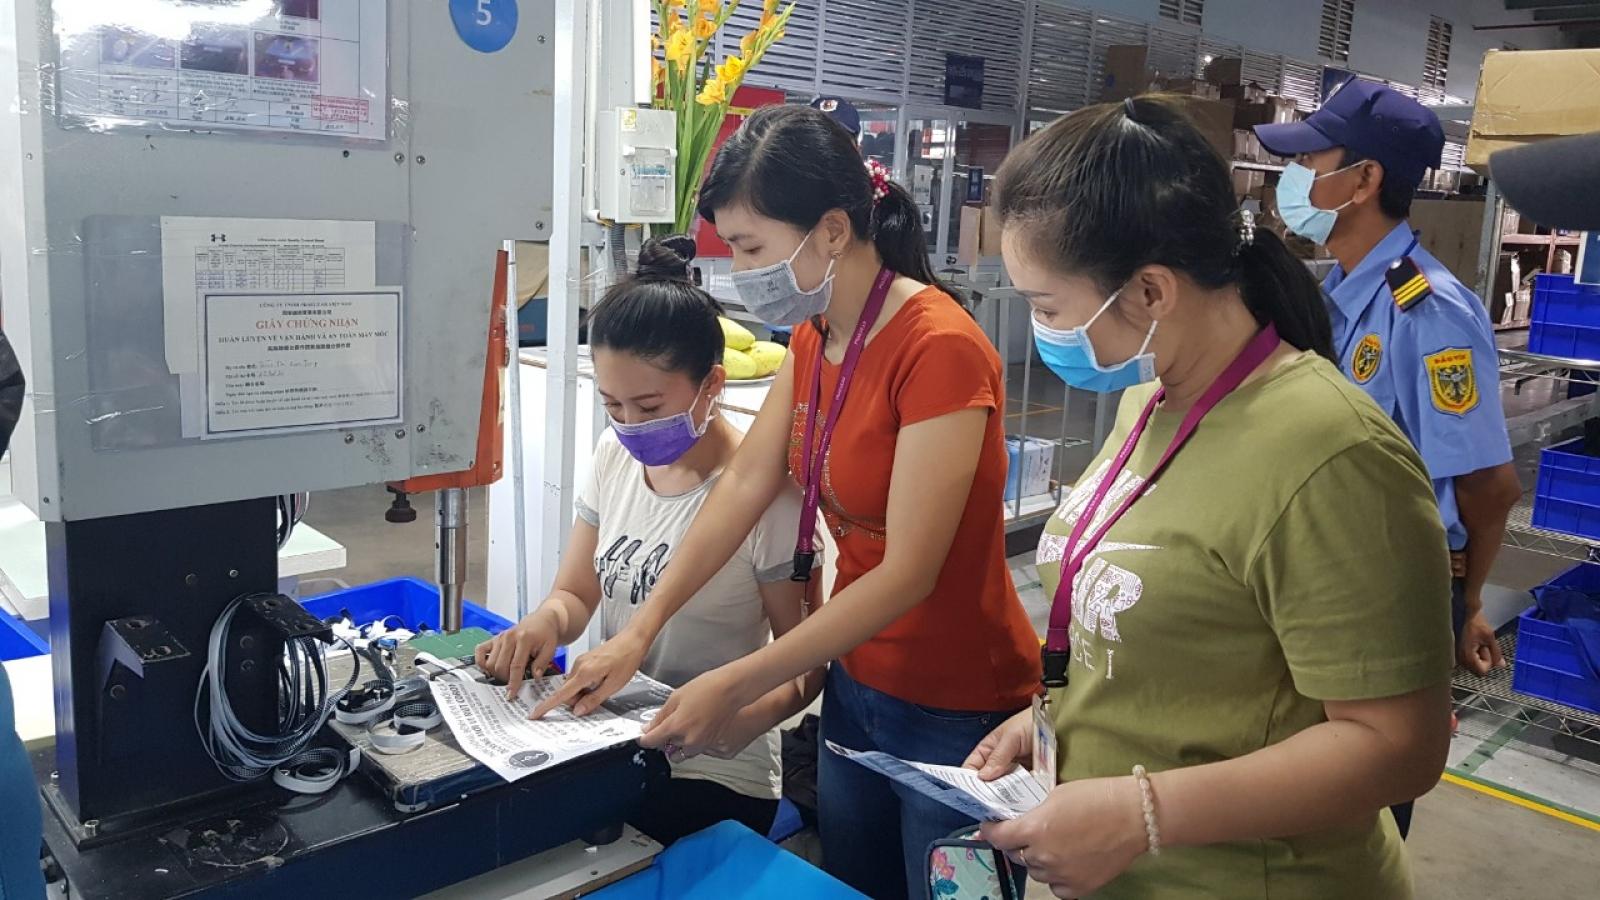 16 bệnh nhânCOVID-19 ở Long An được xuất viện